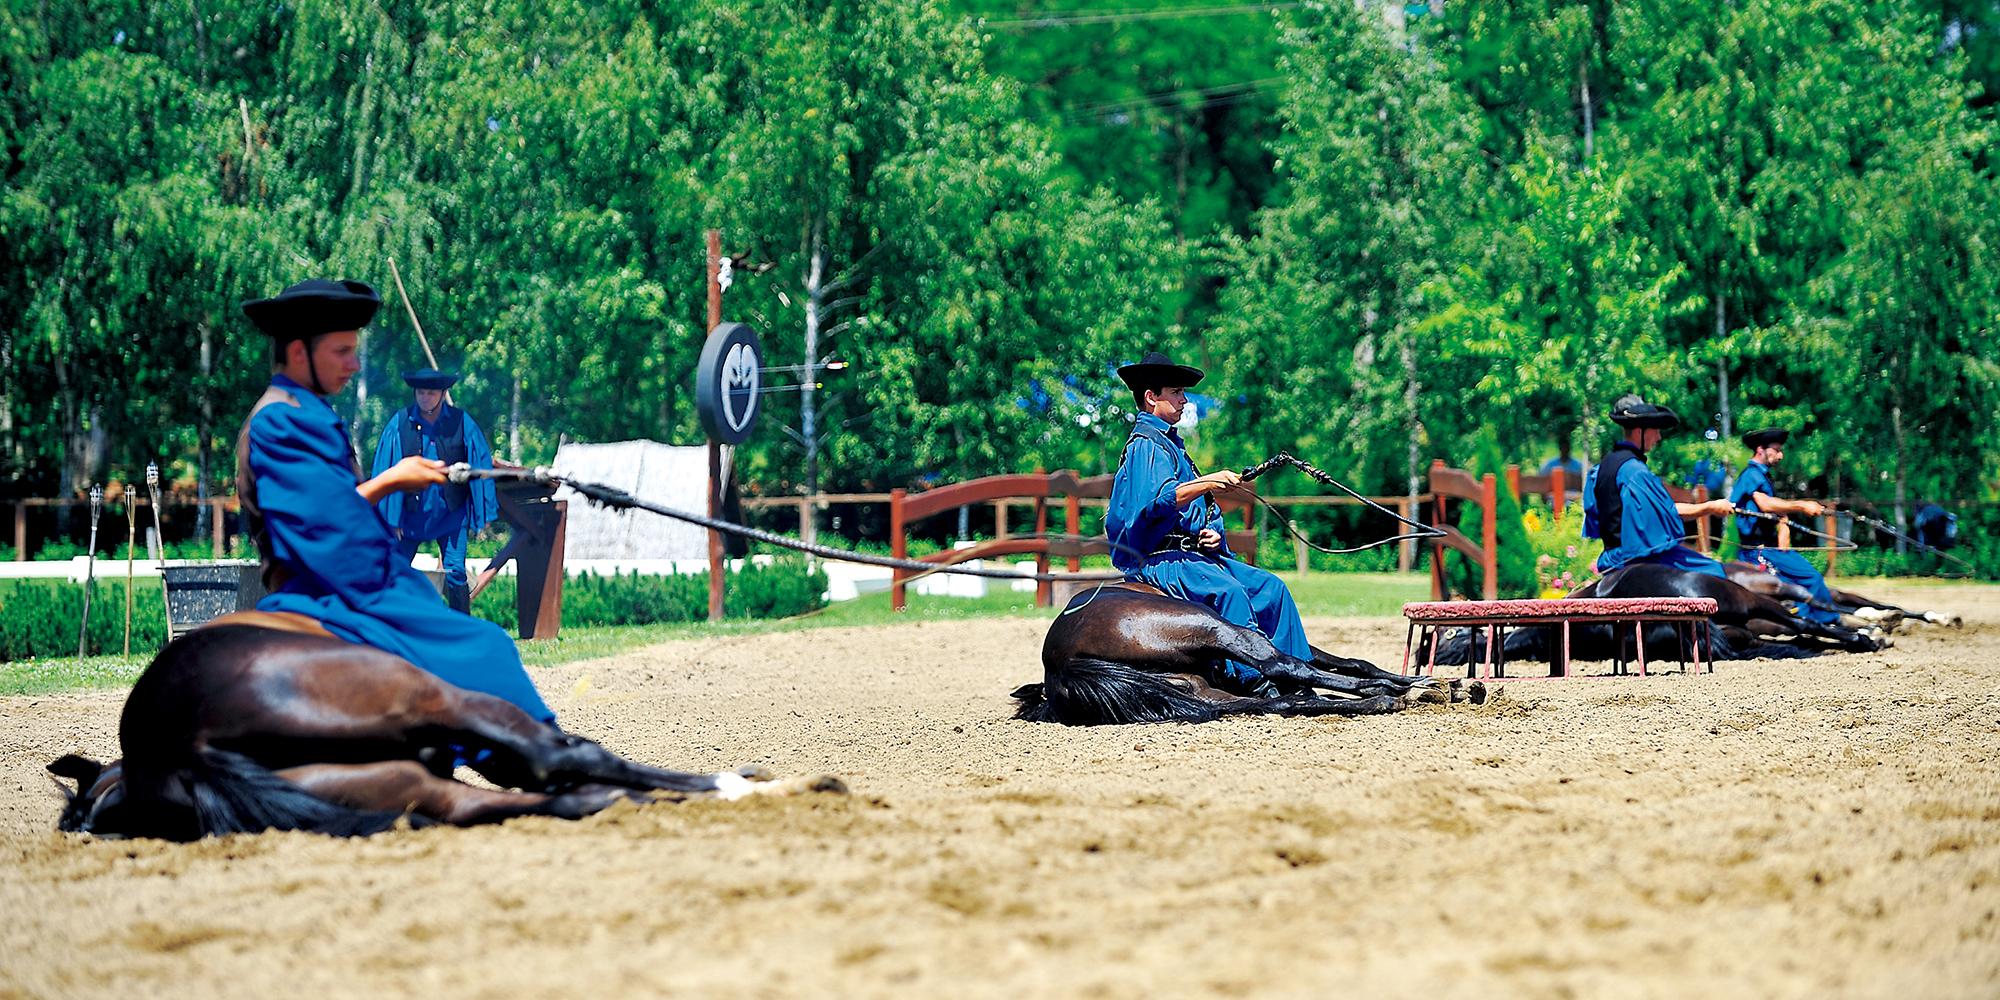 騎馬民族の魂を継ぐ、馬大国ハンガリー_ 話題の乗馬クラブ探訪